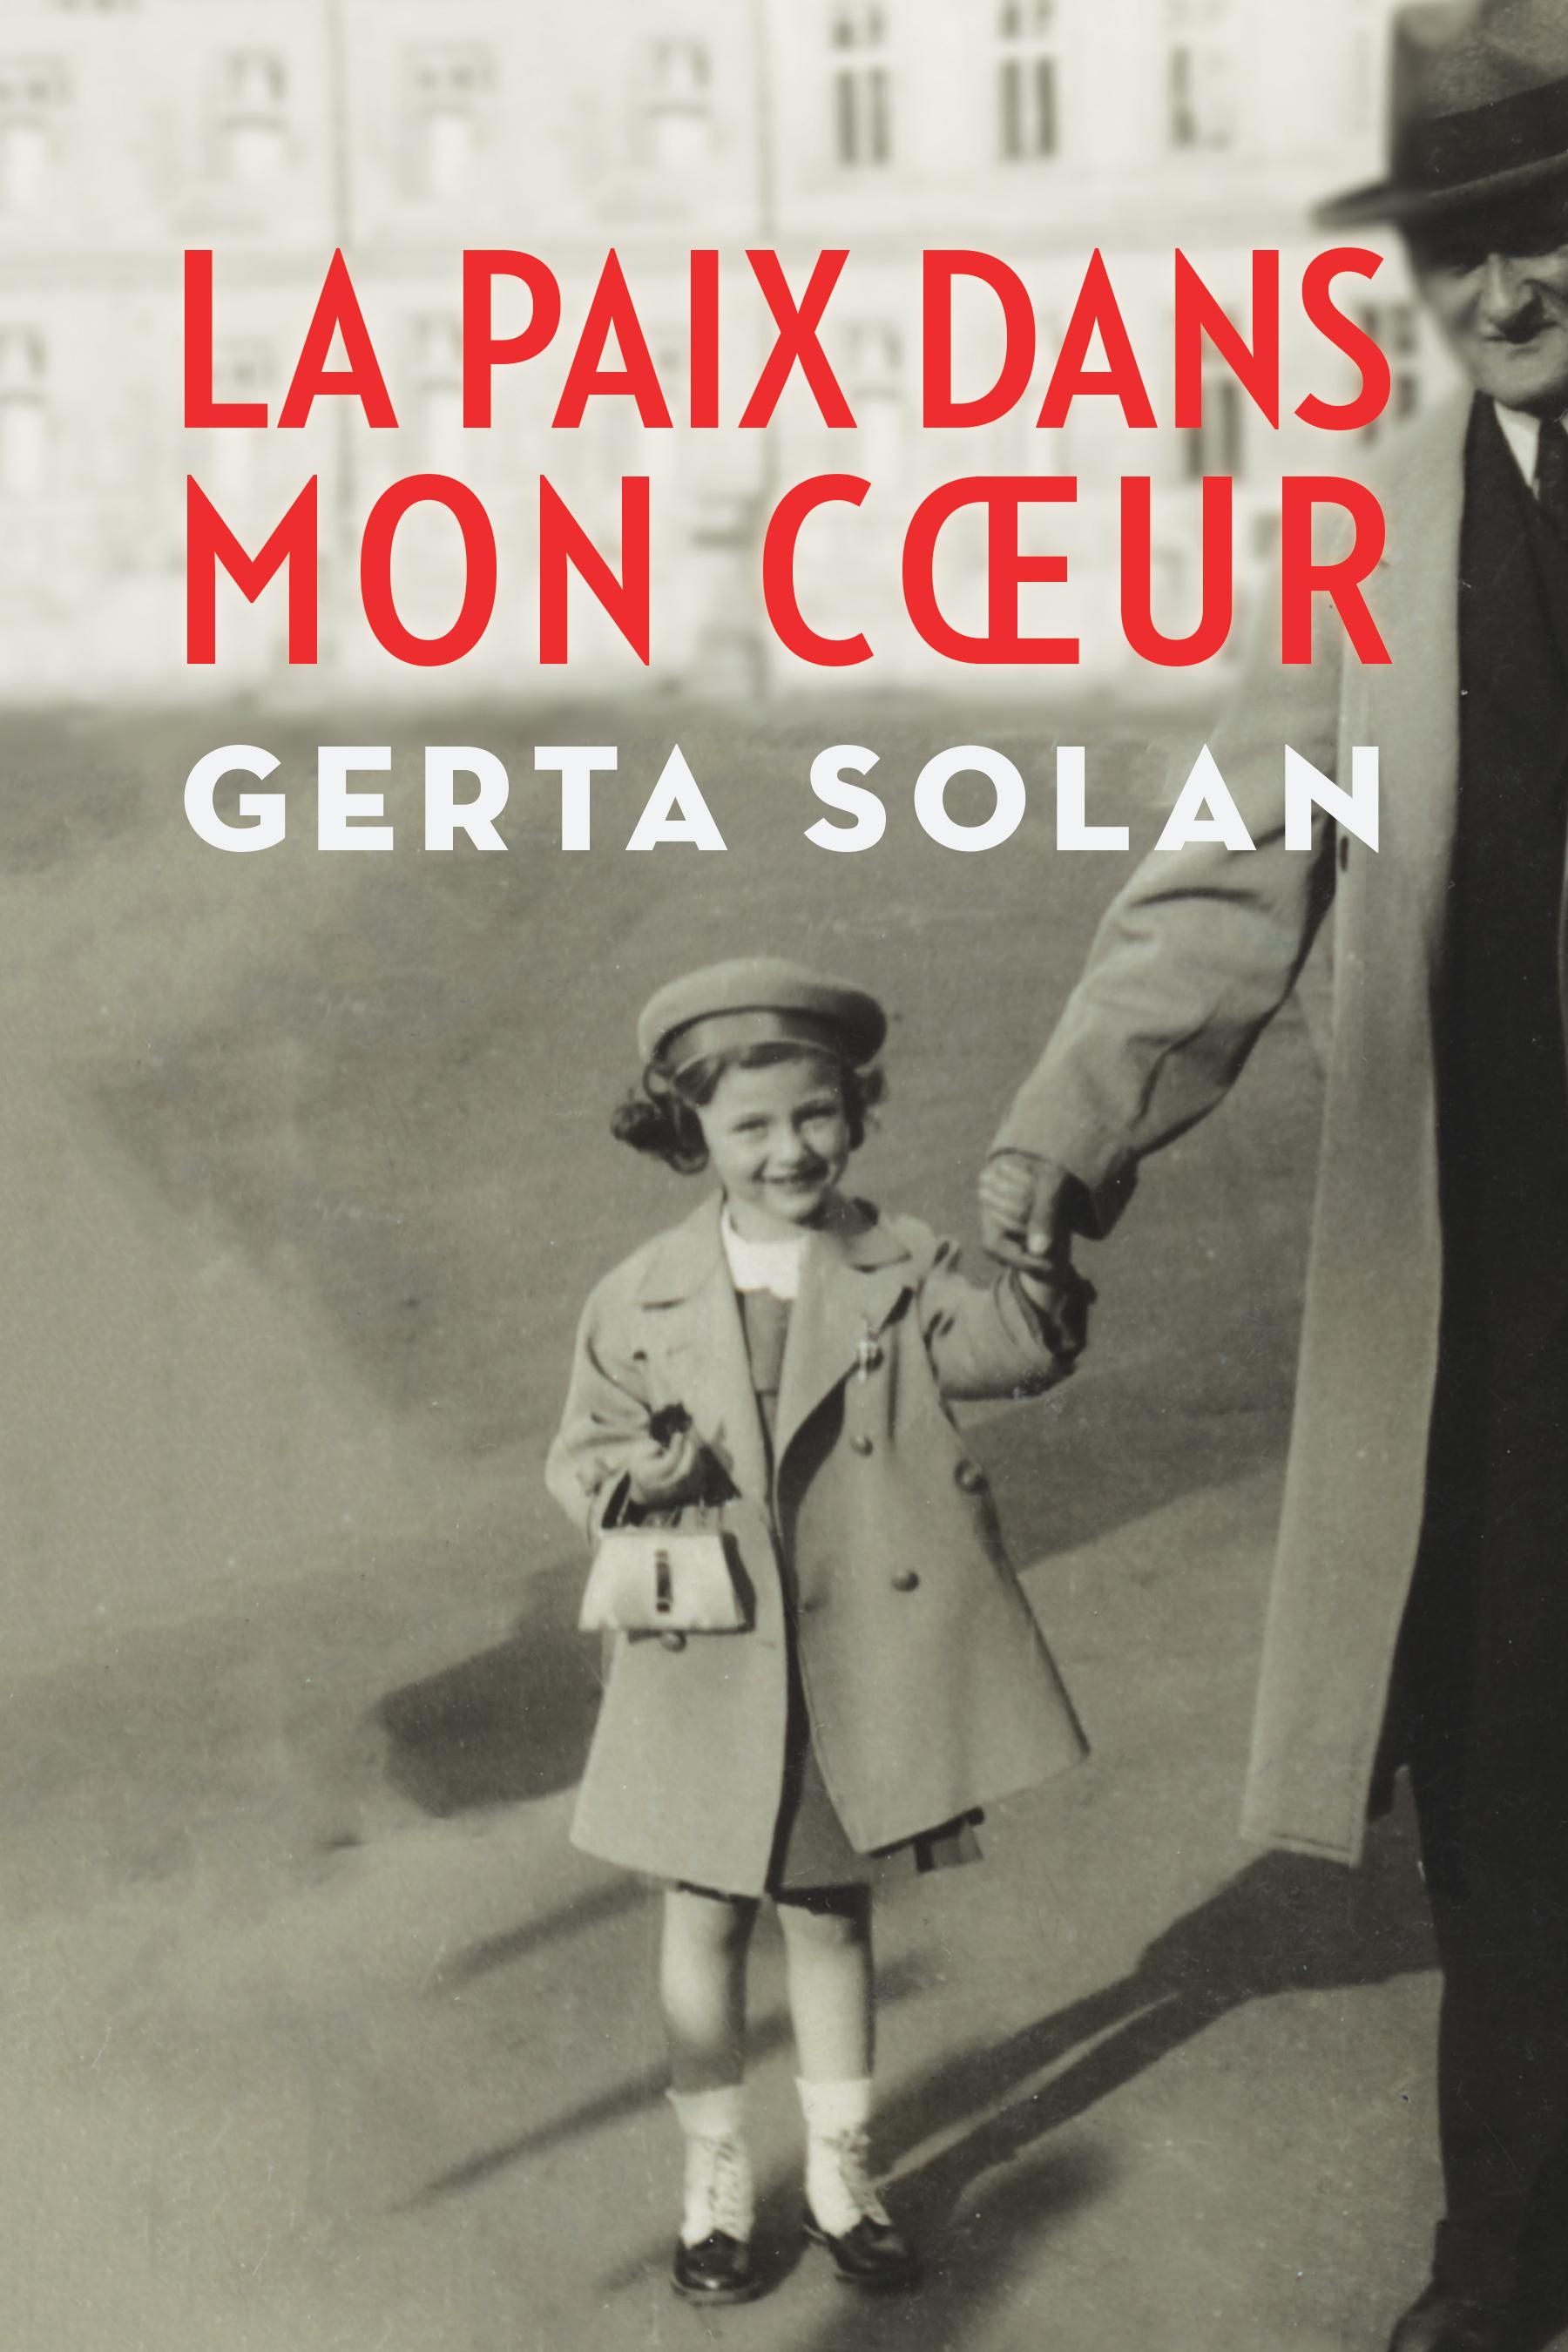 La Paix dans mon cœur (Traduction française à venir) book cover